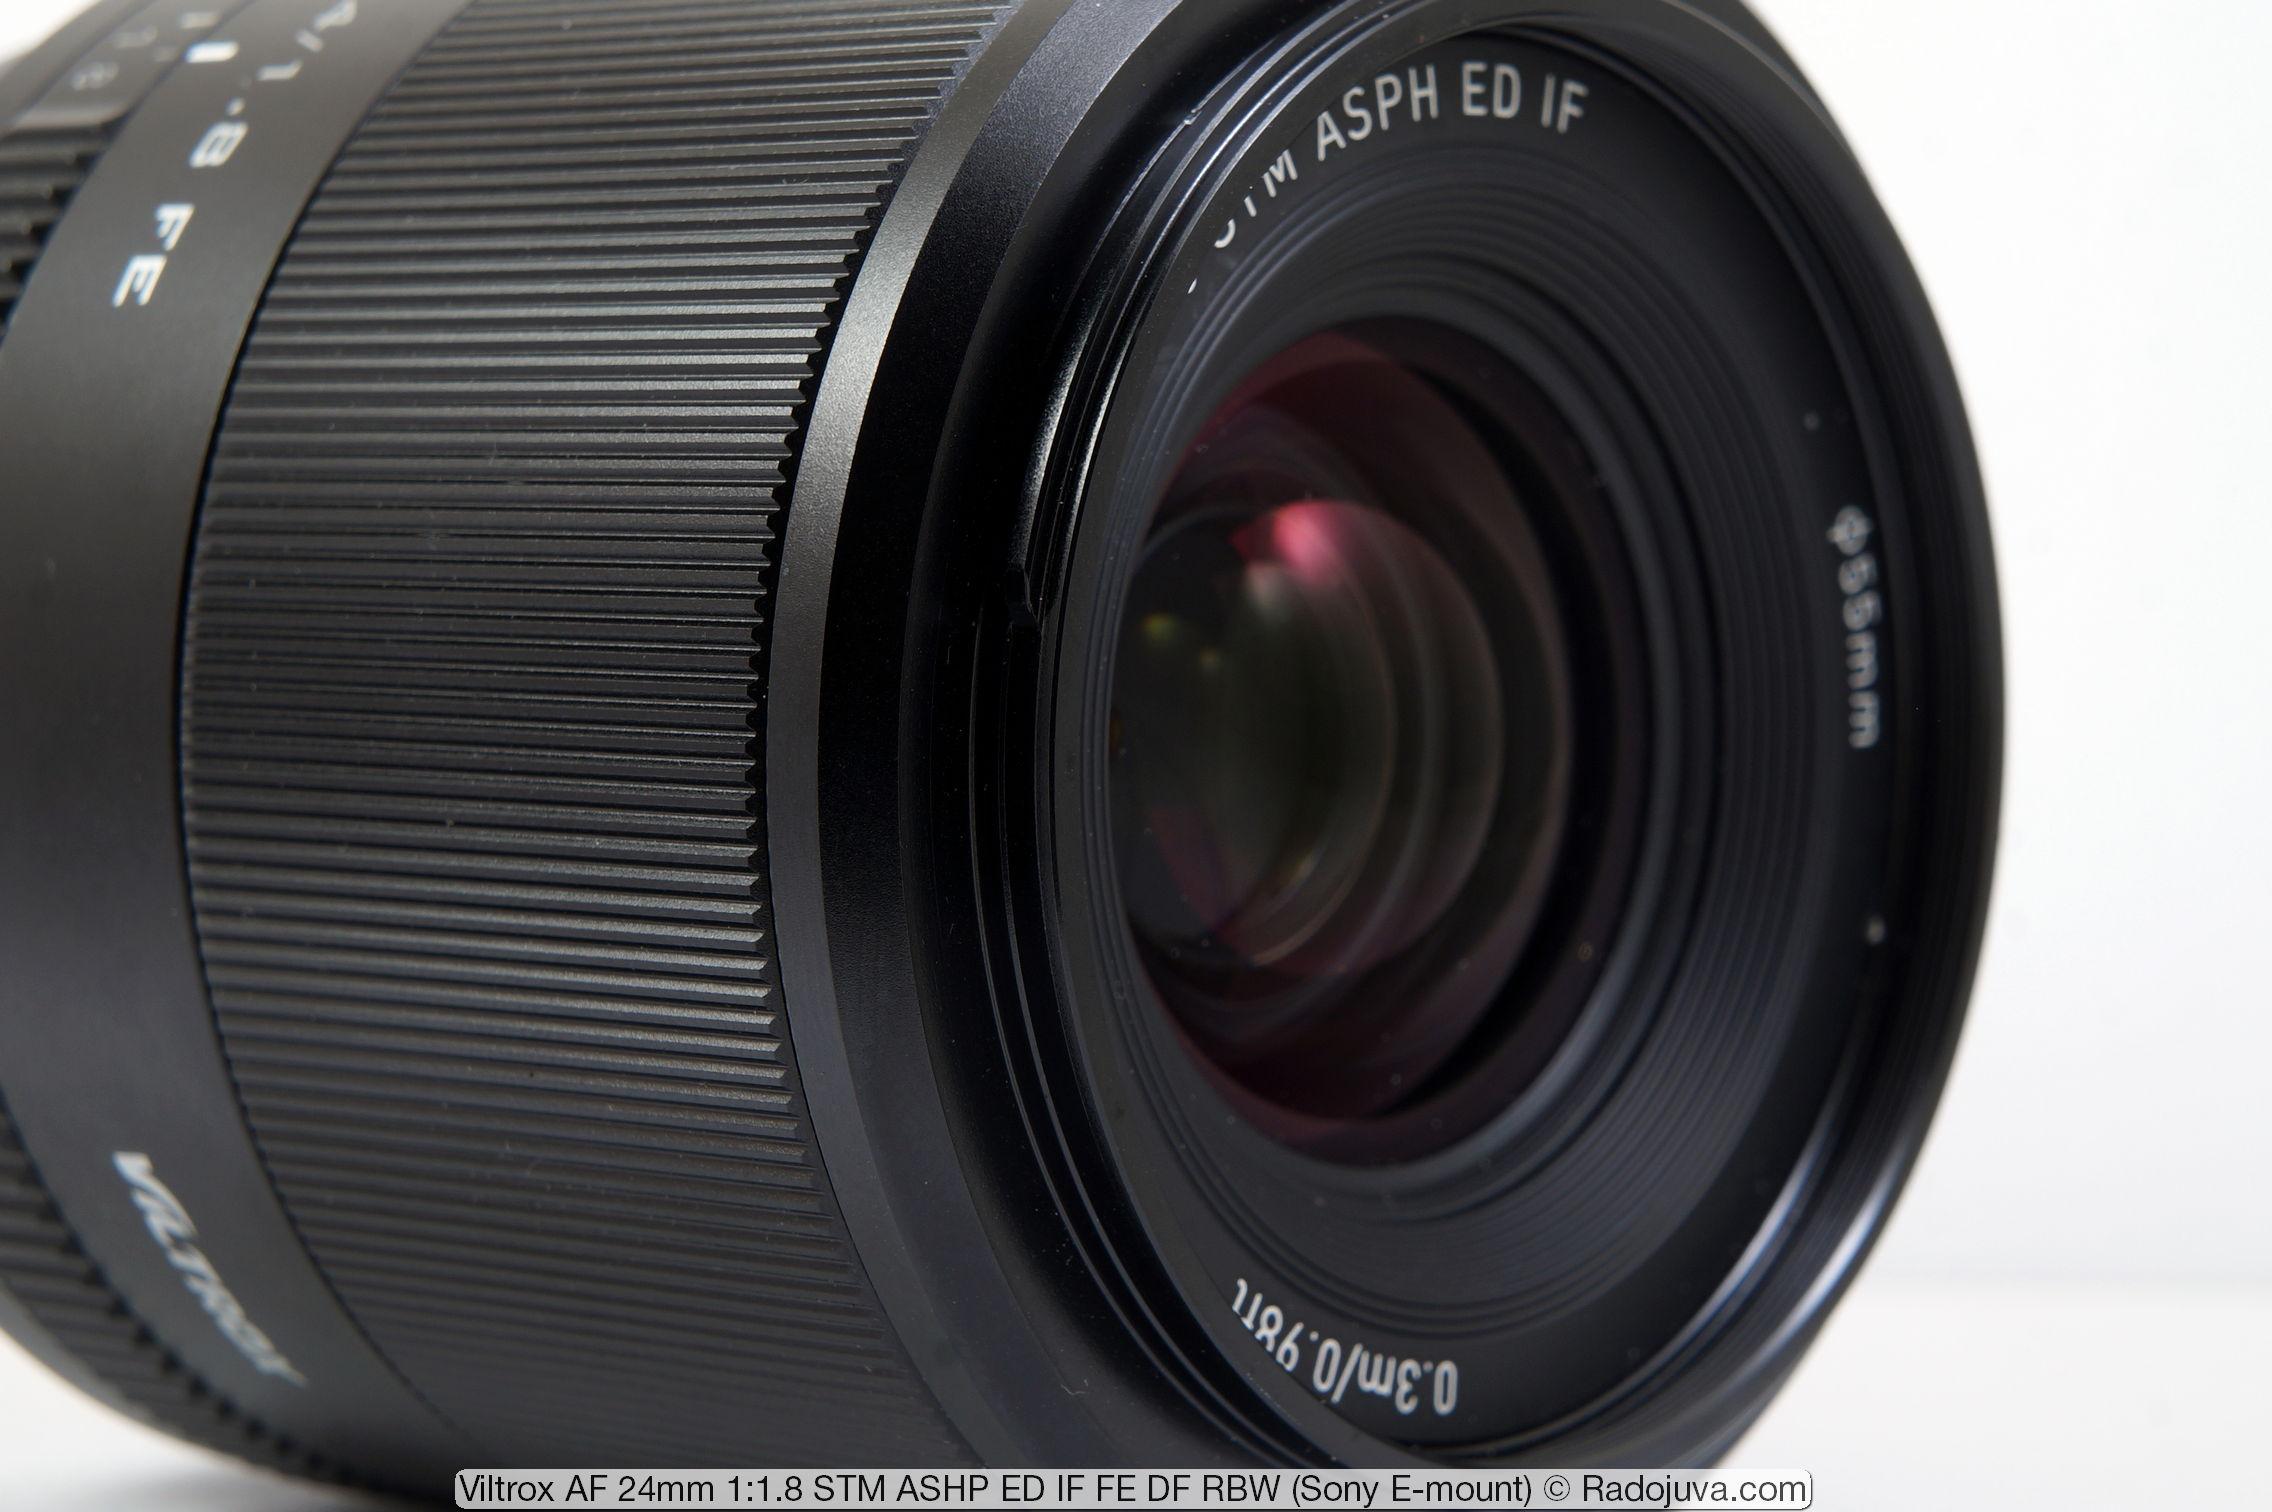 Viltrox AF 24mm 1: 1.8 STM ASHP ED IF FE DF RBW